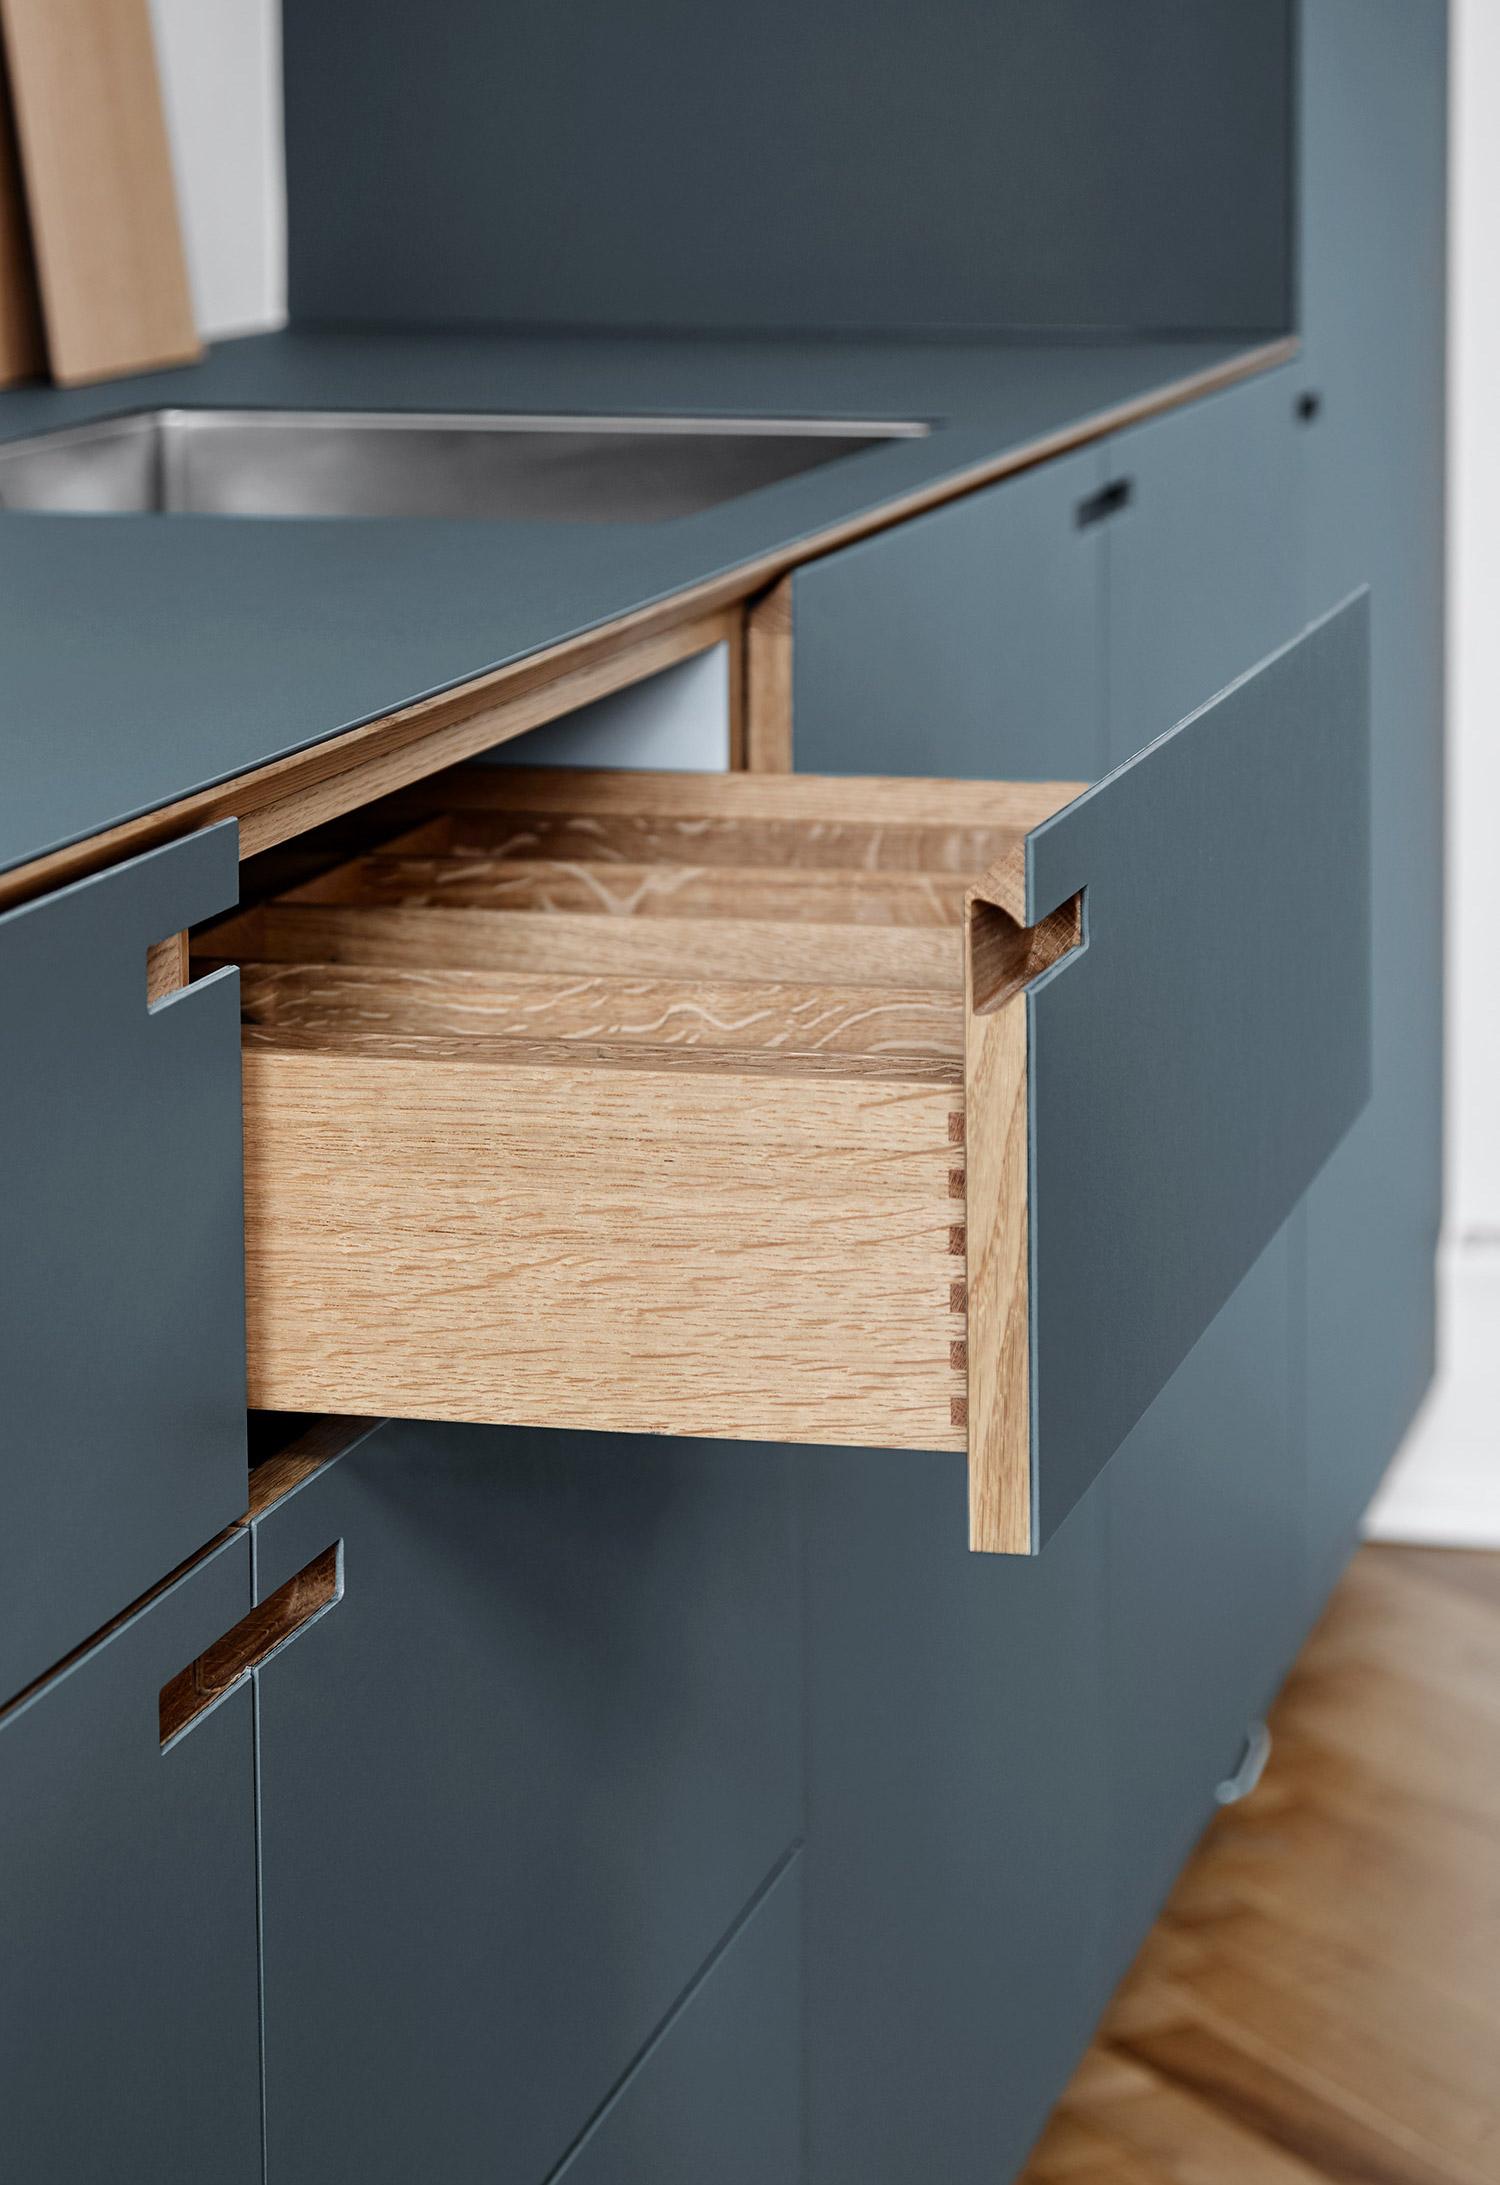 Skuffe og snedkerkøkken i egetræ og pewtergrå linoleum - designet og produceret af køkkensnedker Nicolaj Bo™